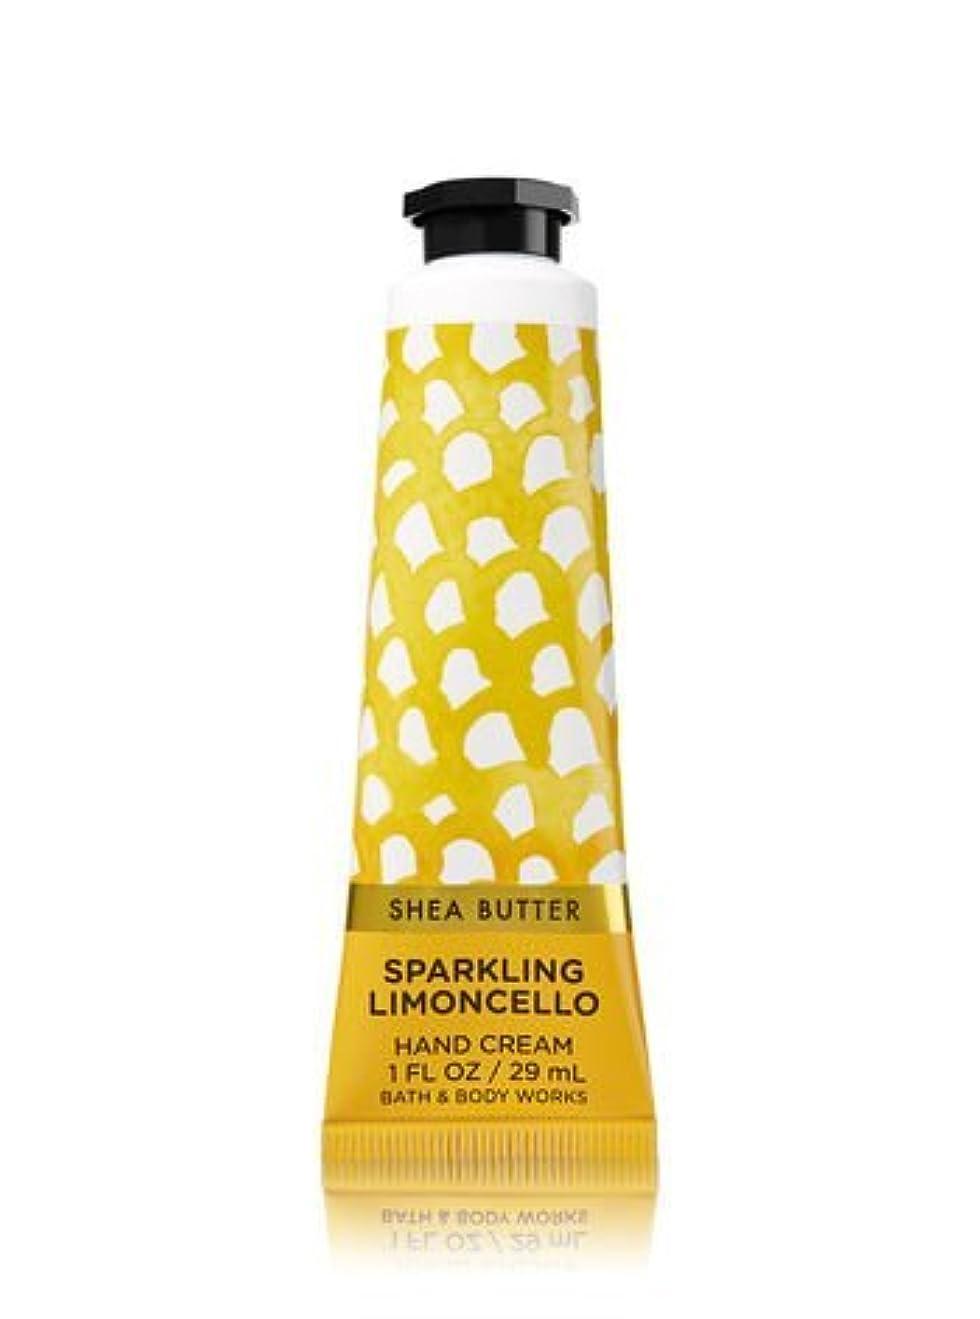 城乞食喪【Bath&Body Works/バス&ボディワークス】 シアバター ハンドクリーム スパークリングリモンチェッロ Shea Butter Hand Cream Sparkling Limoncello 1 fl oz...